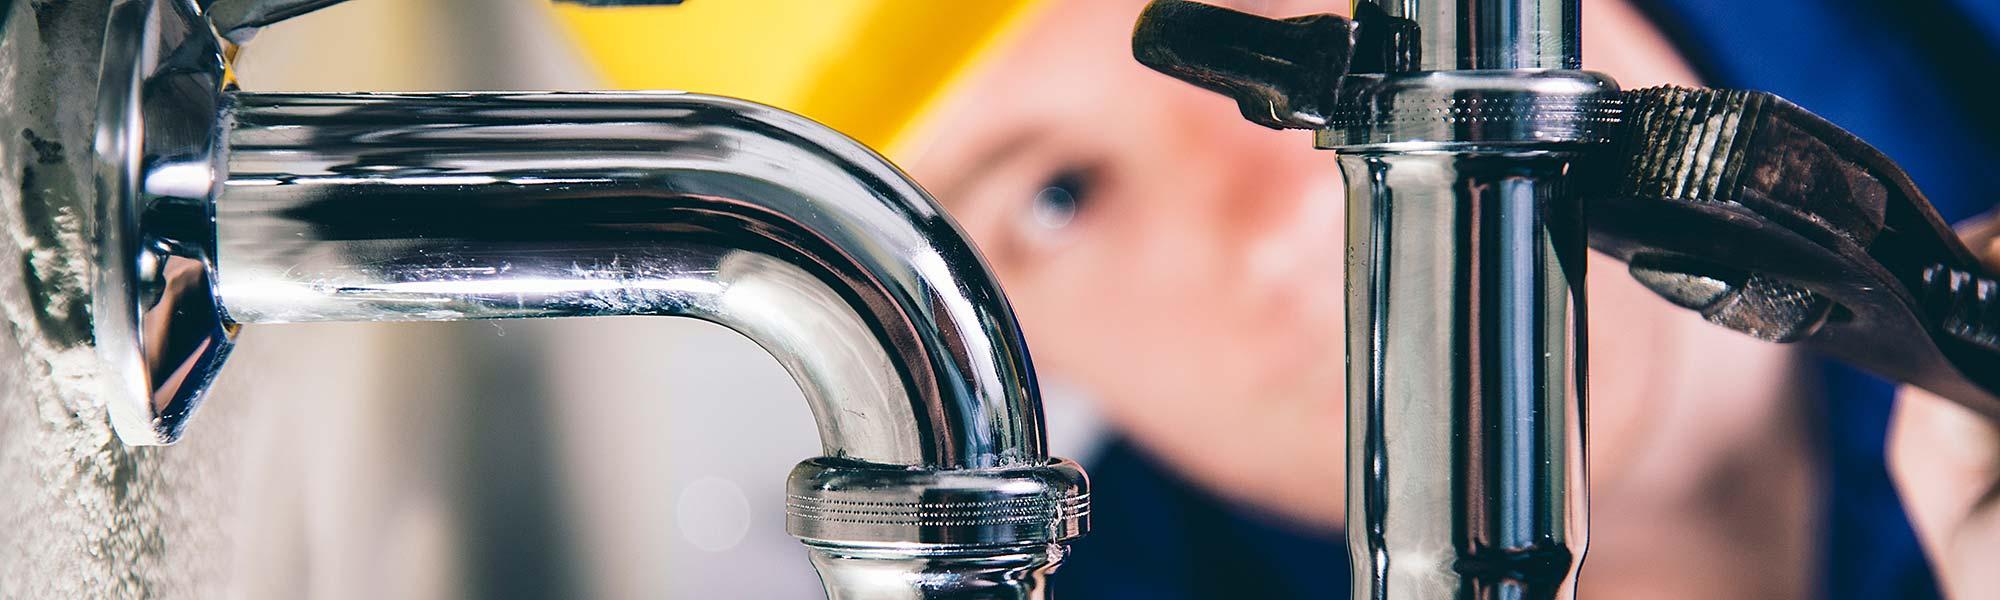 Hausmeisterdienst – alles im Griff mit VGR - VGR Gruppe